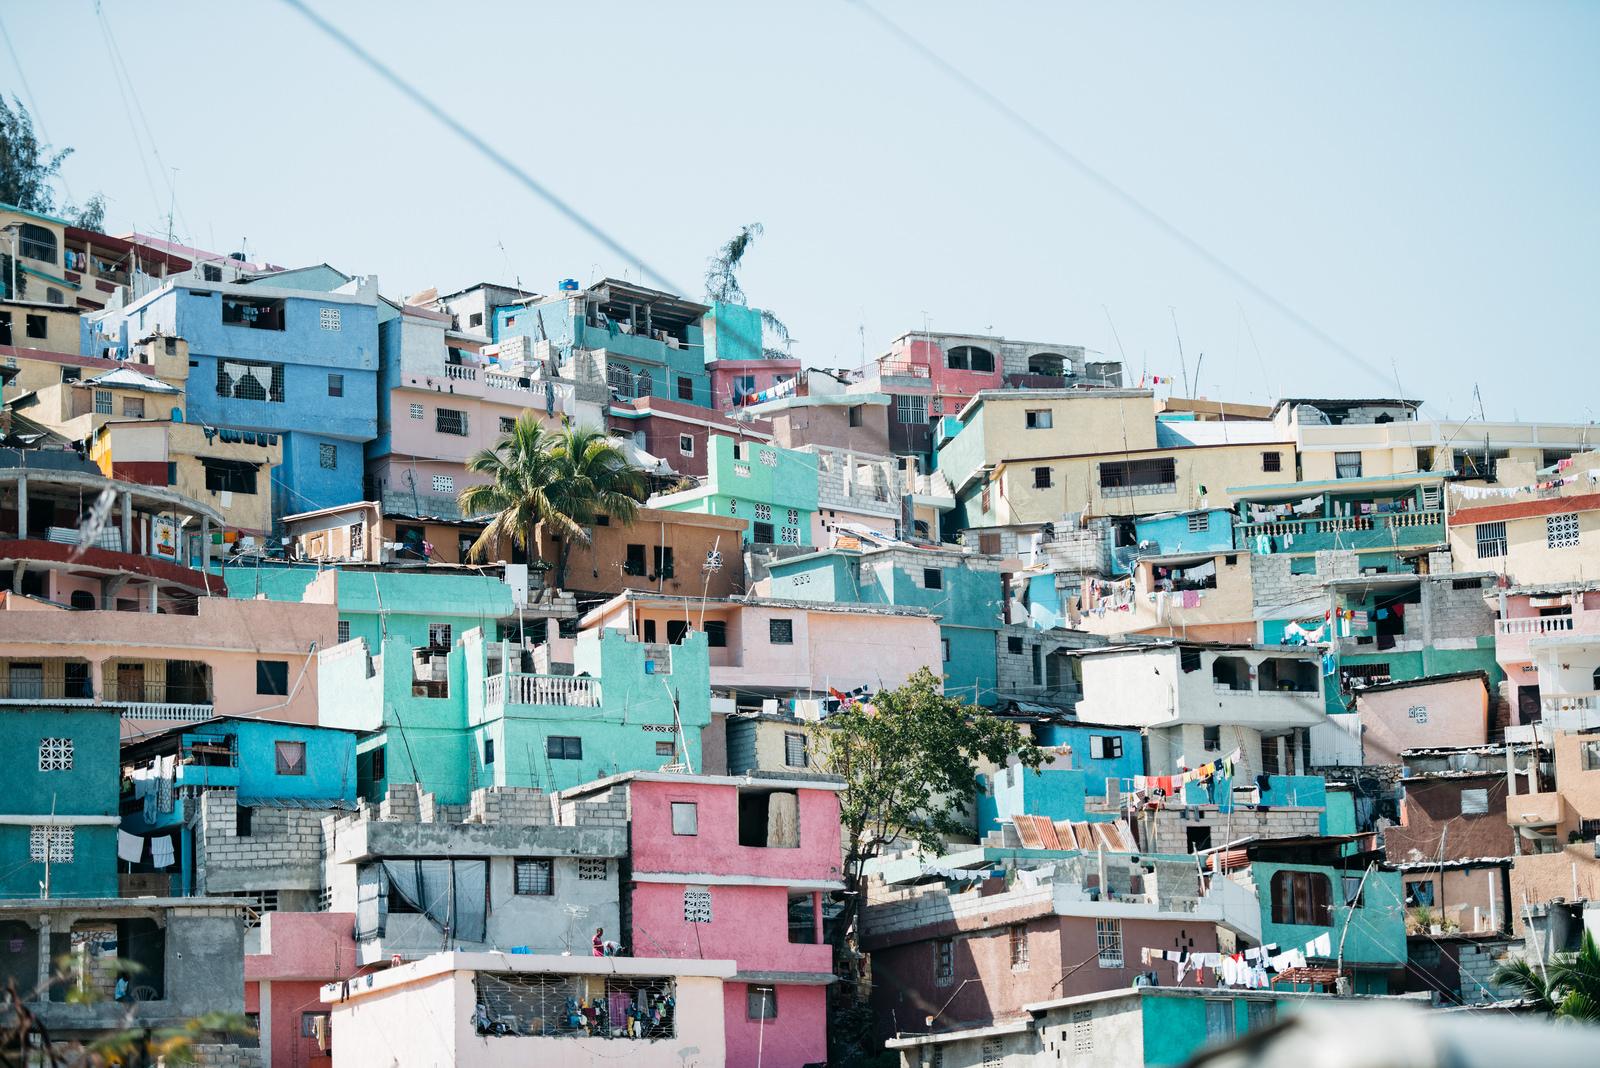 jalousie_haiti_vinwe_port_au_prince